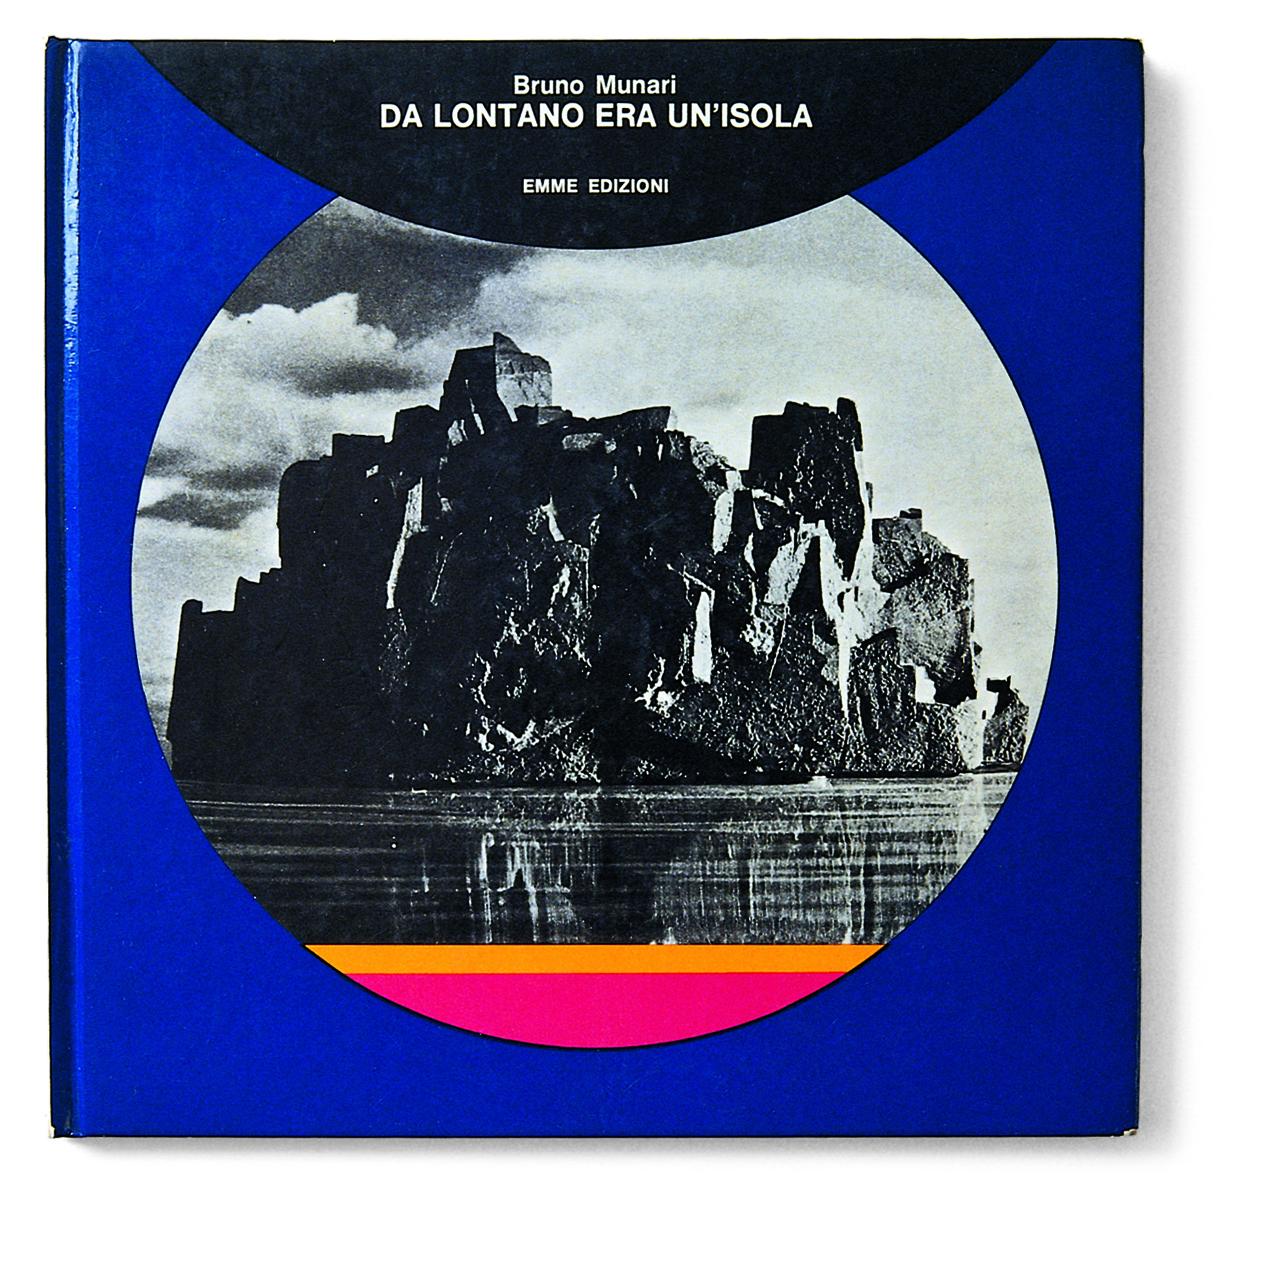 Da lontano era un'isola Image credit: Milan: Emme Edizioni, 1971